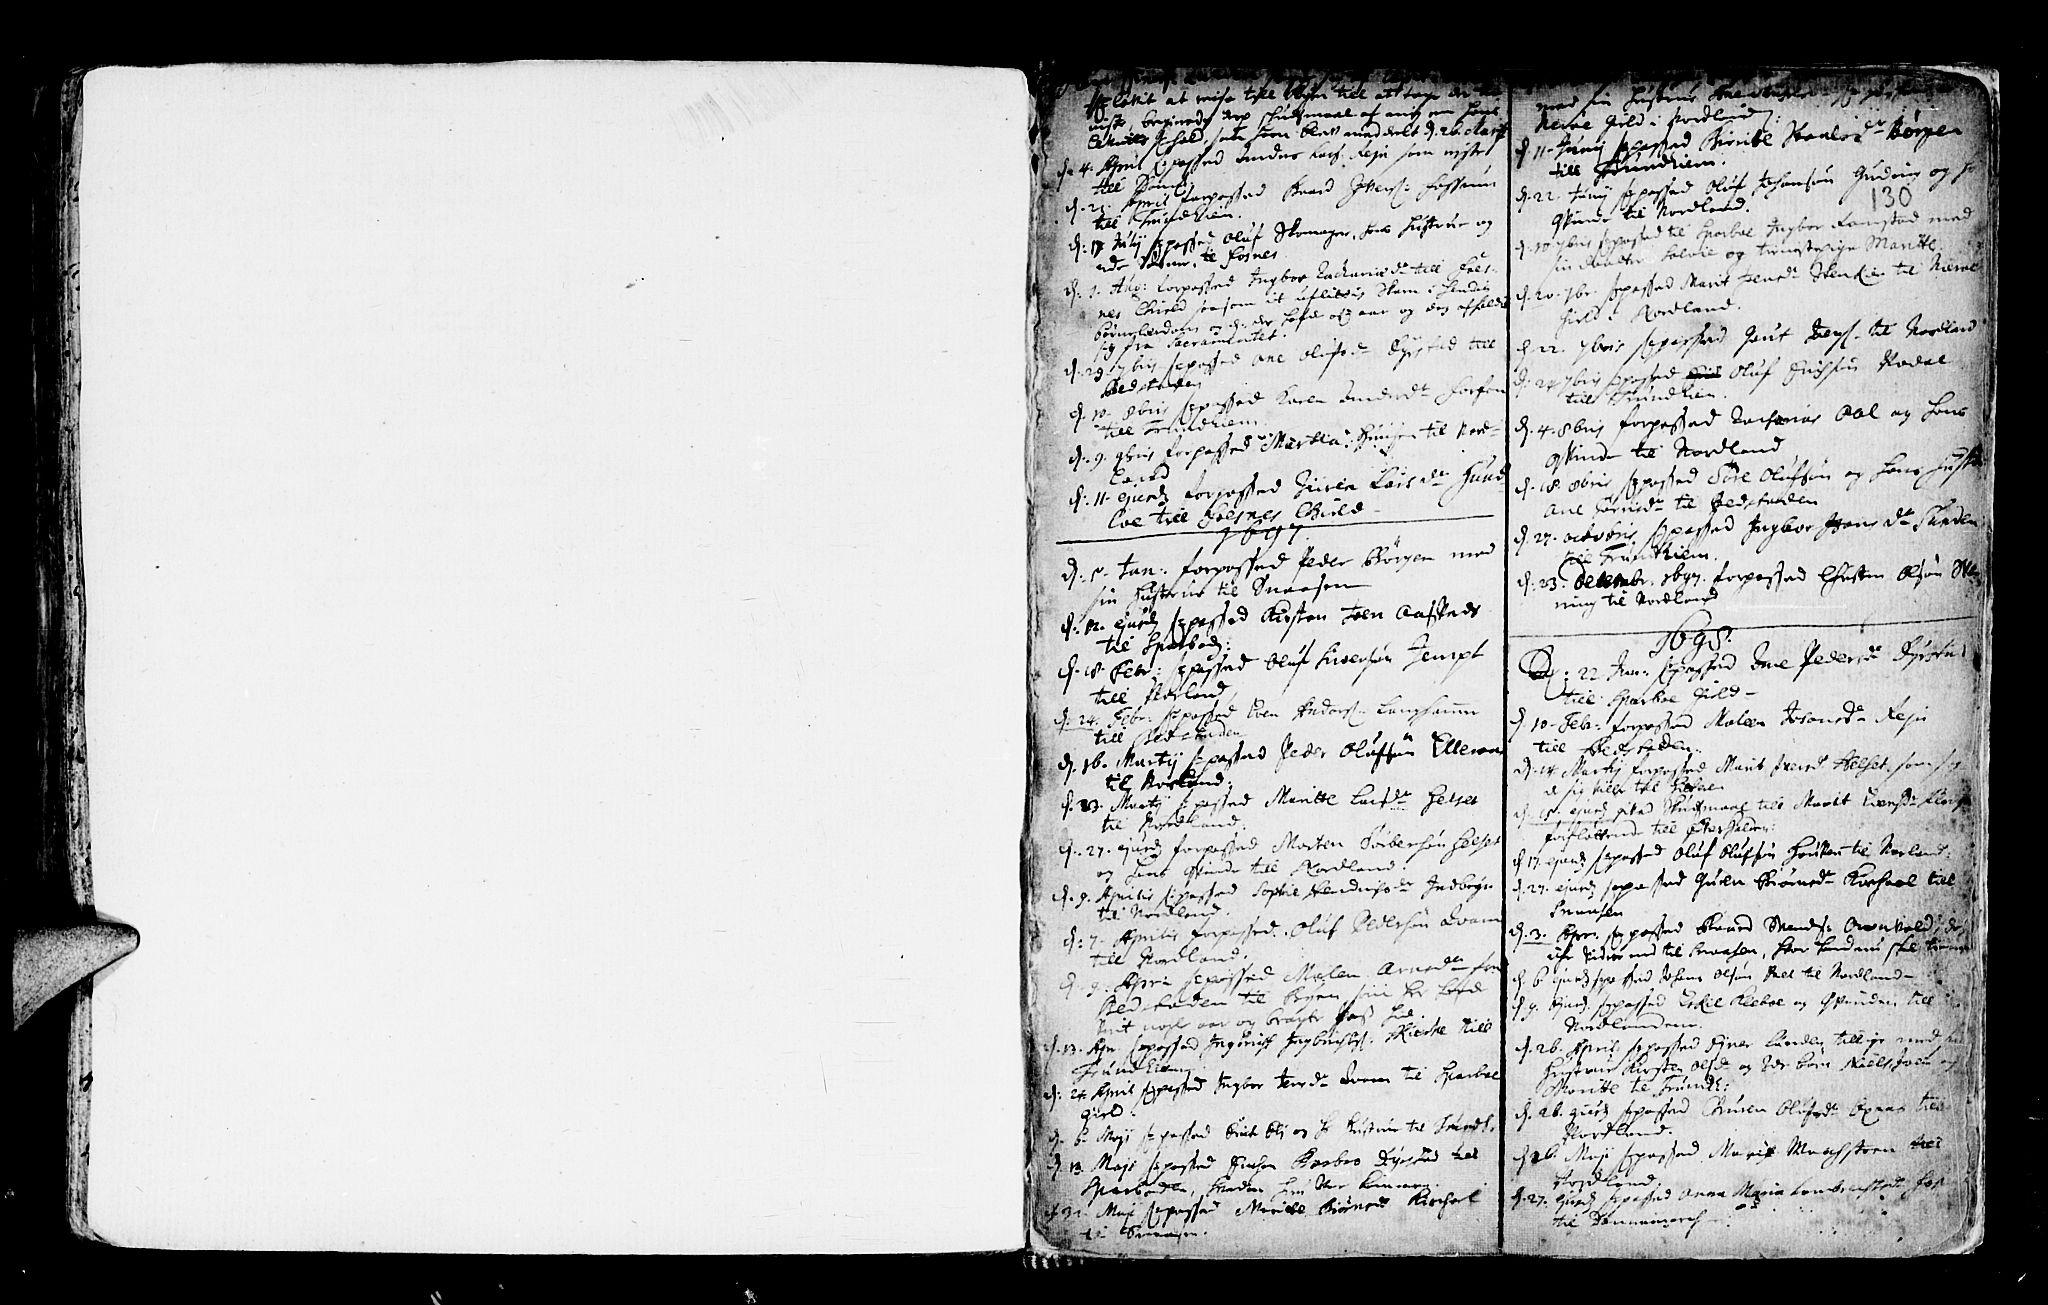 SAT, Ministerialprotokoller, klokkerbøker og fødselsregistre - Nord-Trøndelag, 746/L0439: Ministerialbok nr. 746A01, 1688-1759, s. 130